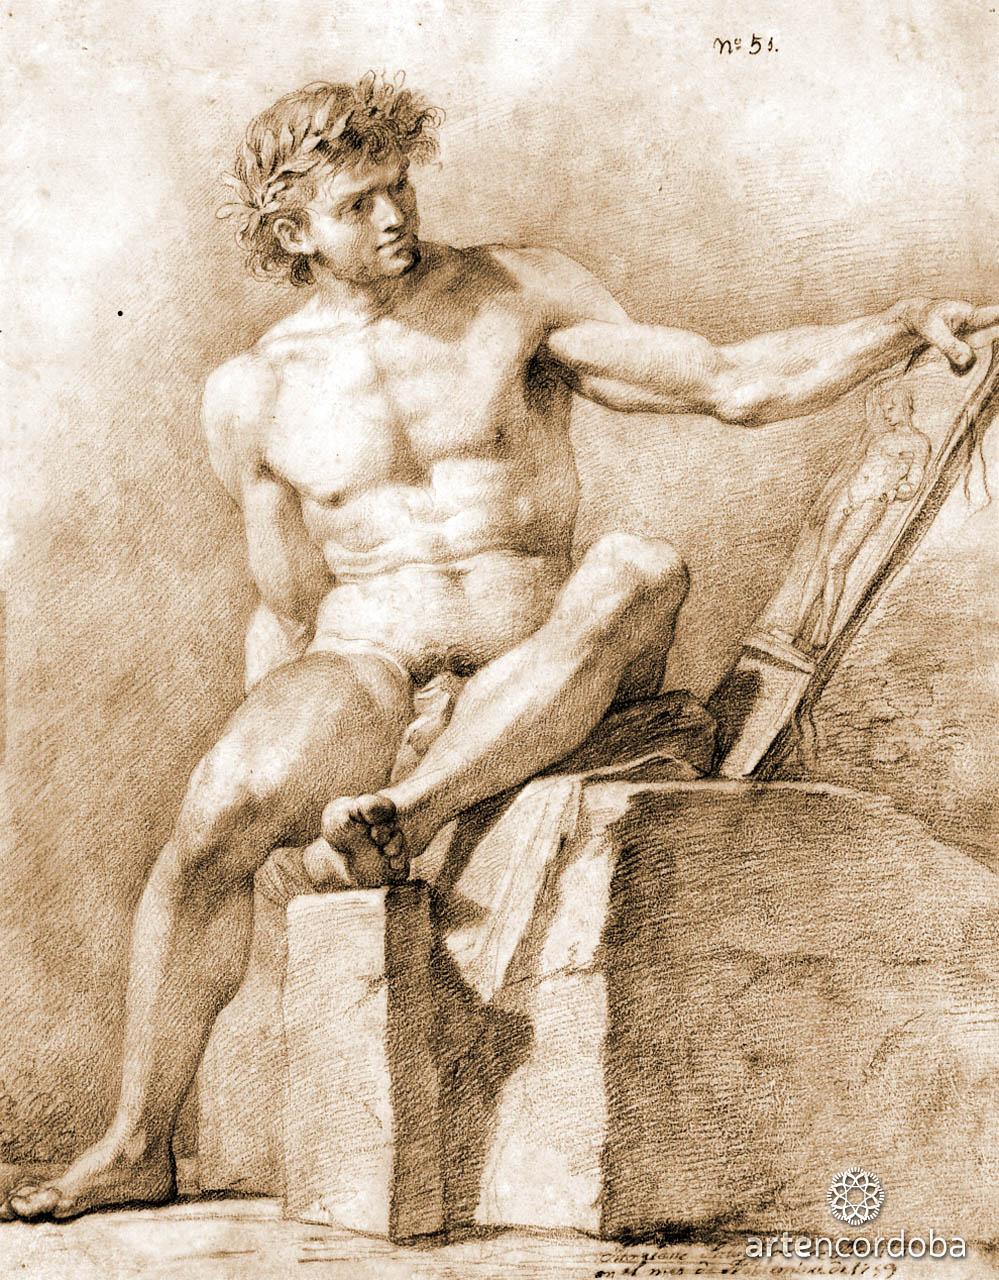 Academia Masculina (Alegoría de la Escultura), lápiz sanguina, de Mariano Salvador Maella